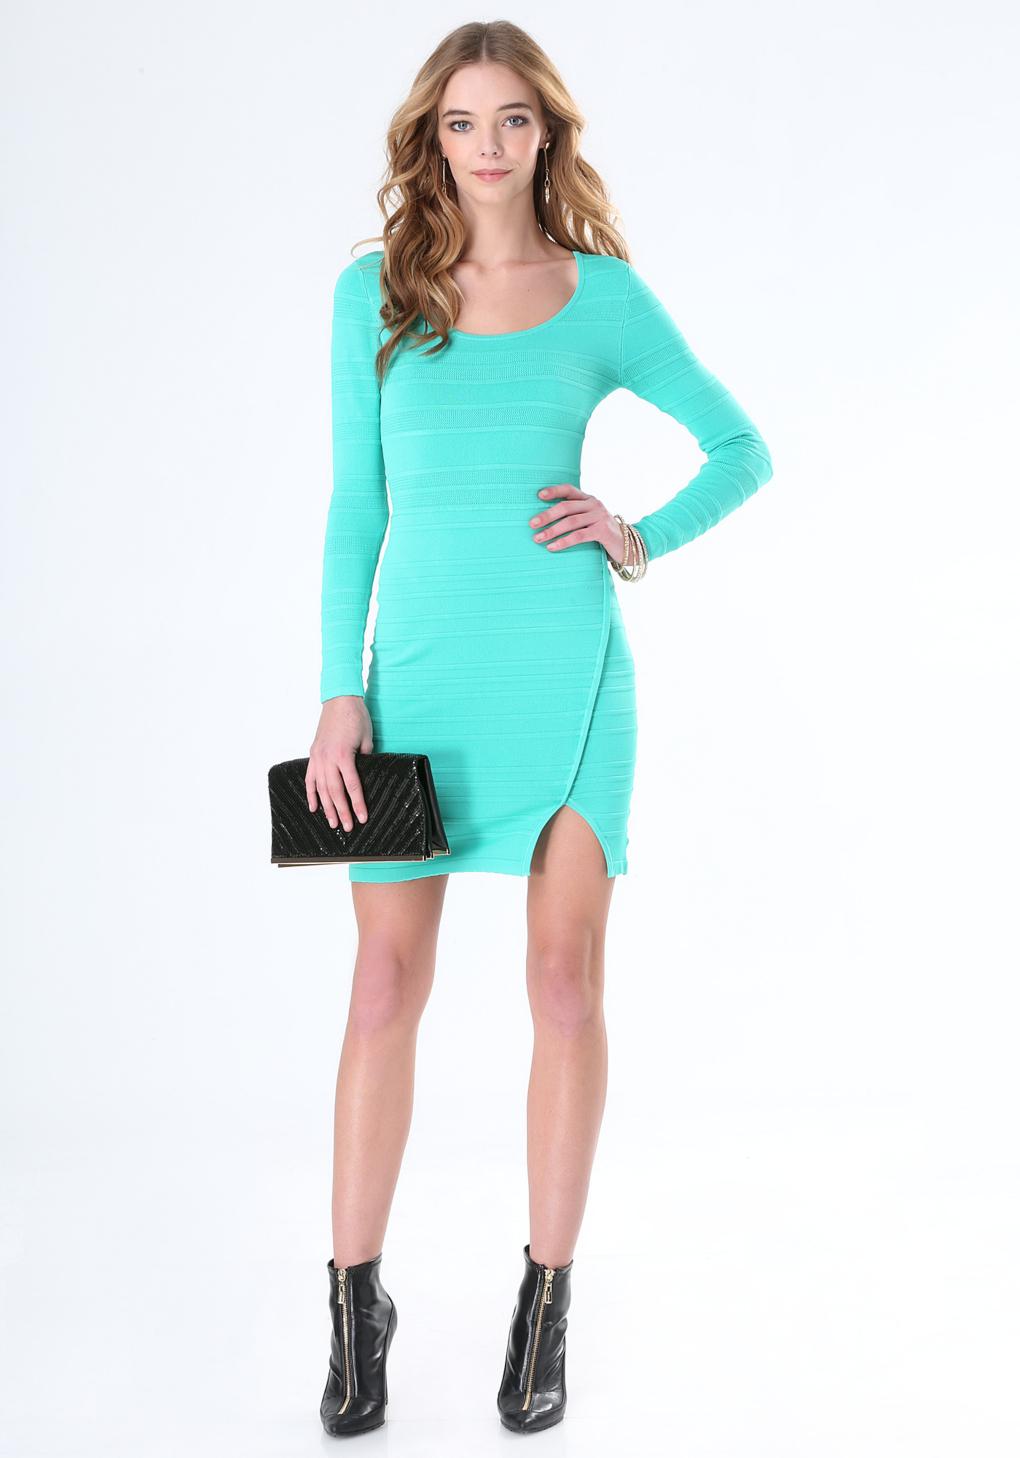 Lyst - Bebe Mesh Stripe Sweater Dress in Green